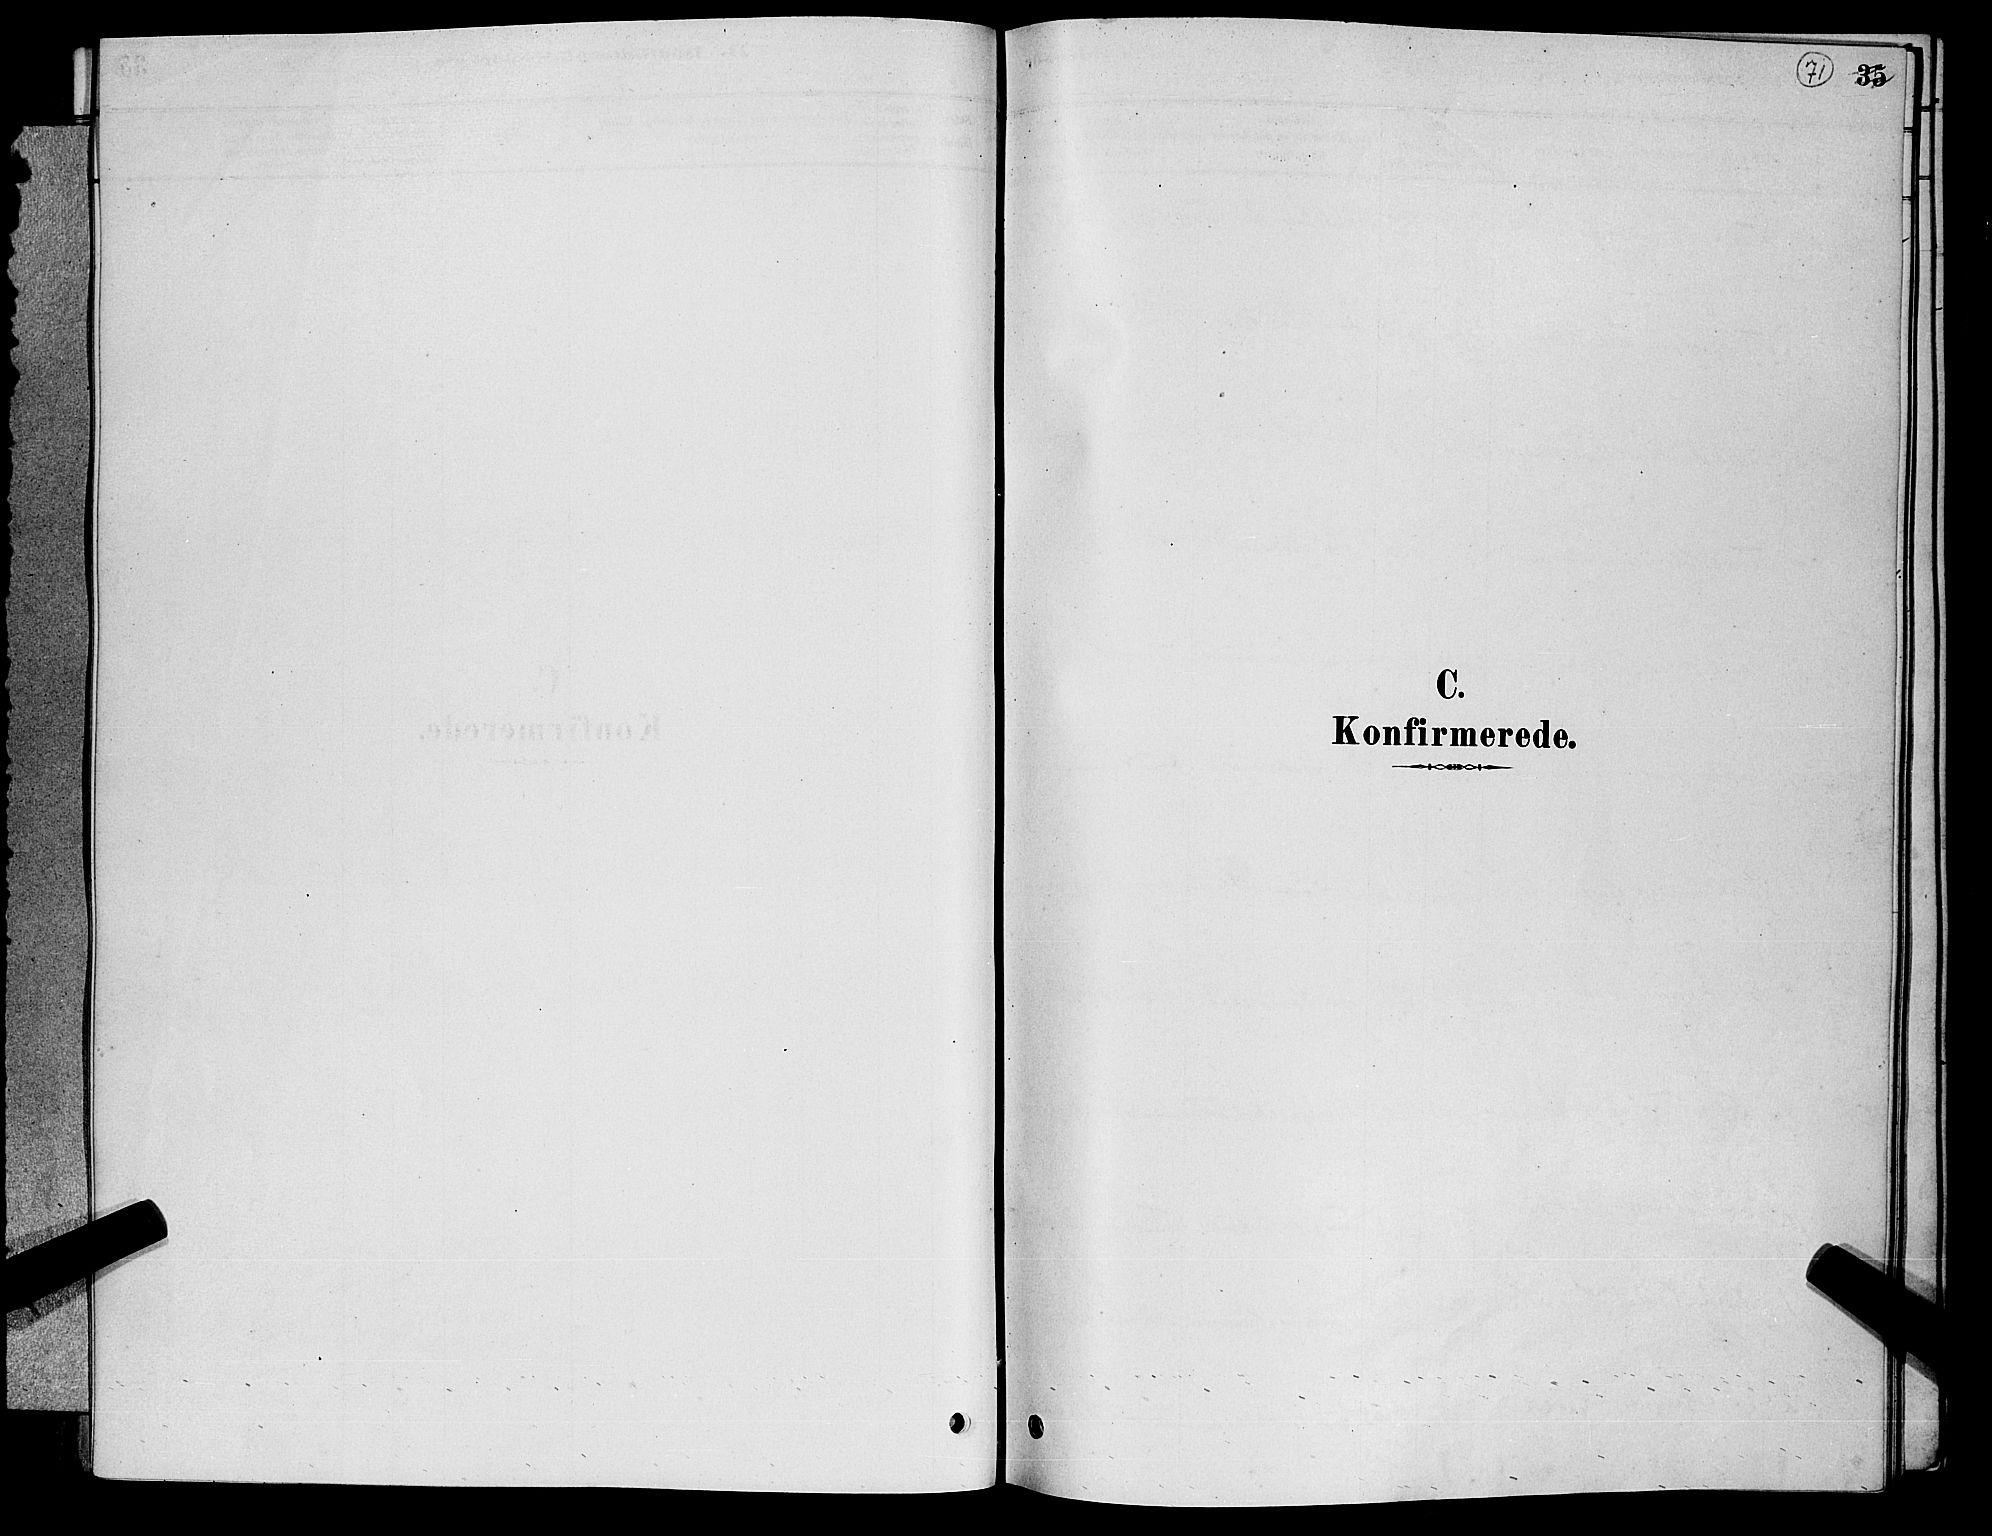 SAKO, Nore kirkebøker, G/Gb/L0002: Klokkerbok nr. II 2, 1878-1894, s. 71